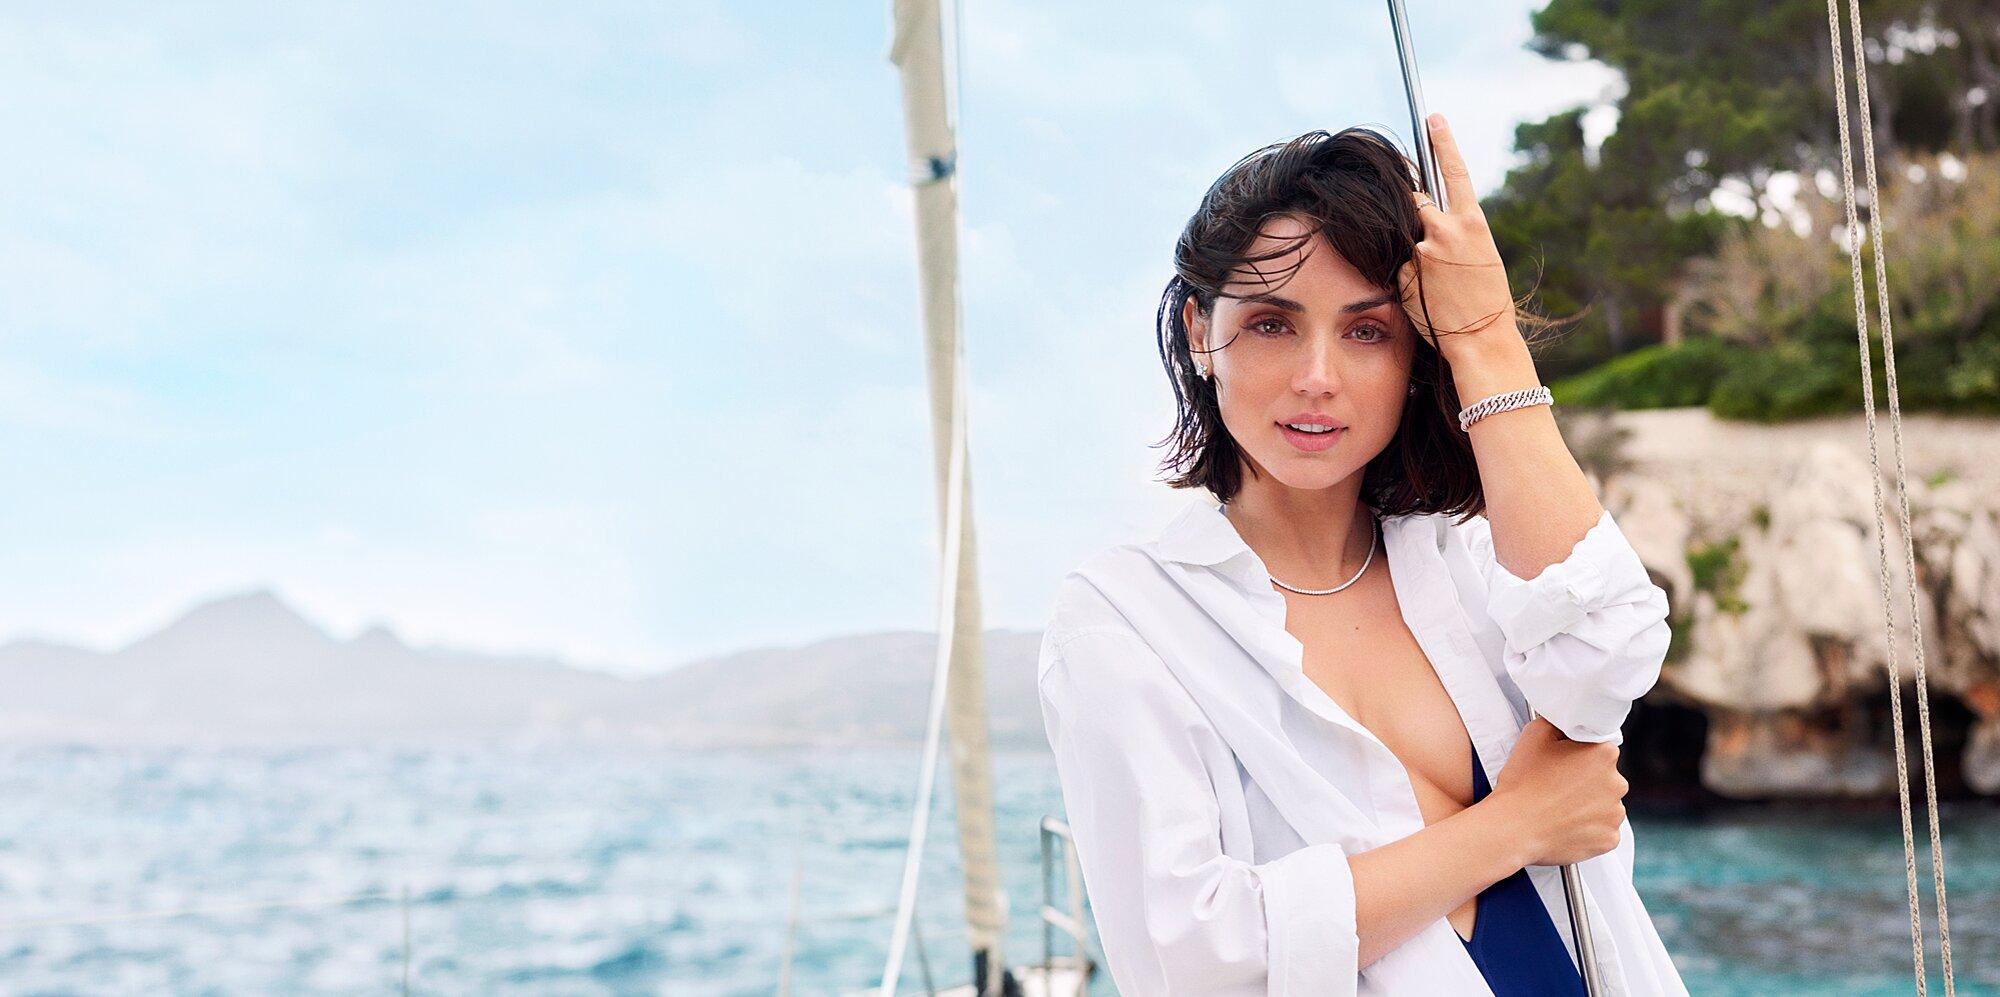 Роскошная Ана де Армас снялась в рекламной кампании бренда Natural Diamond Council